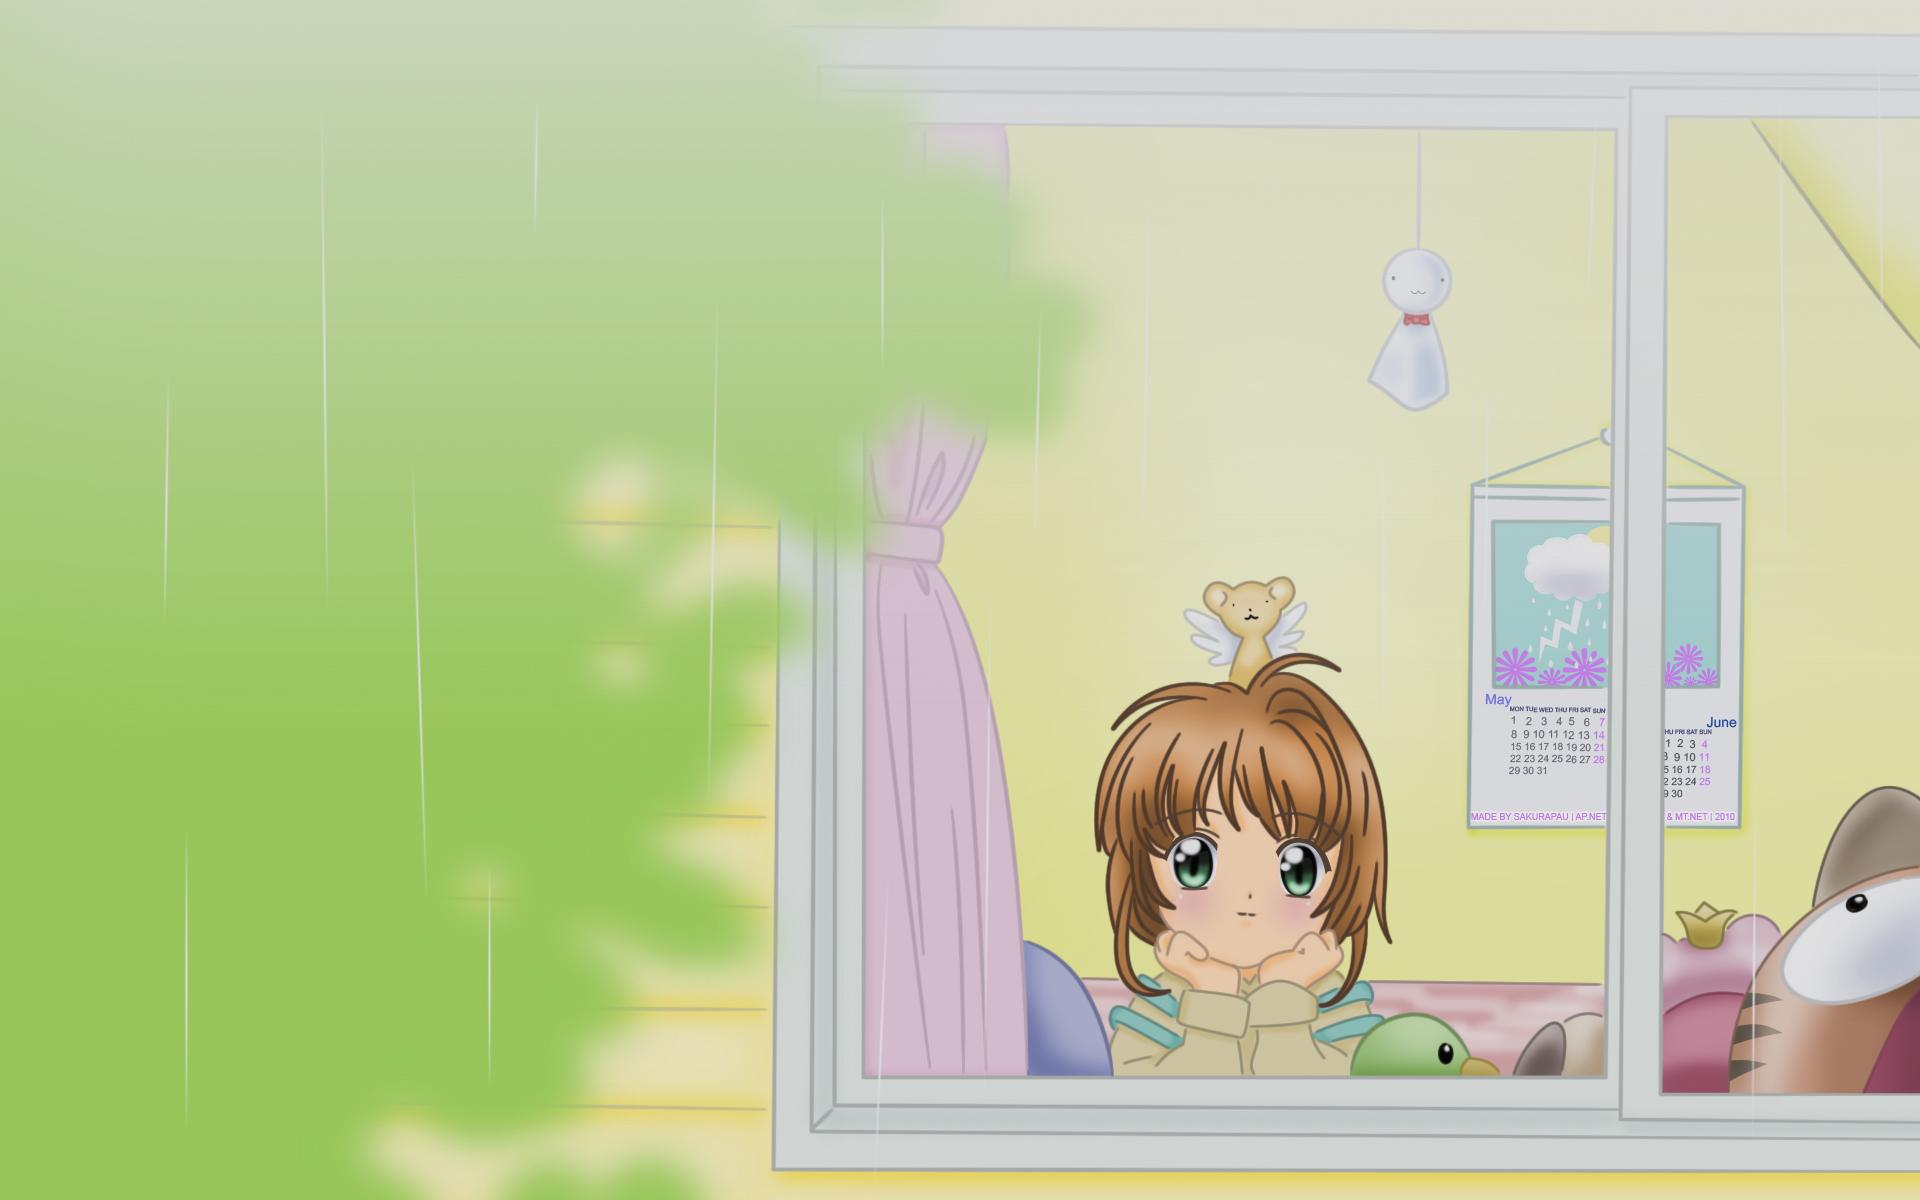 Cardcaptor sakura hd wallpaper background image - Sakura desktop ...